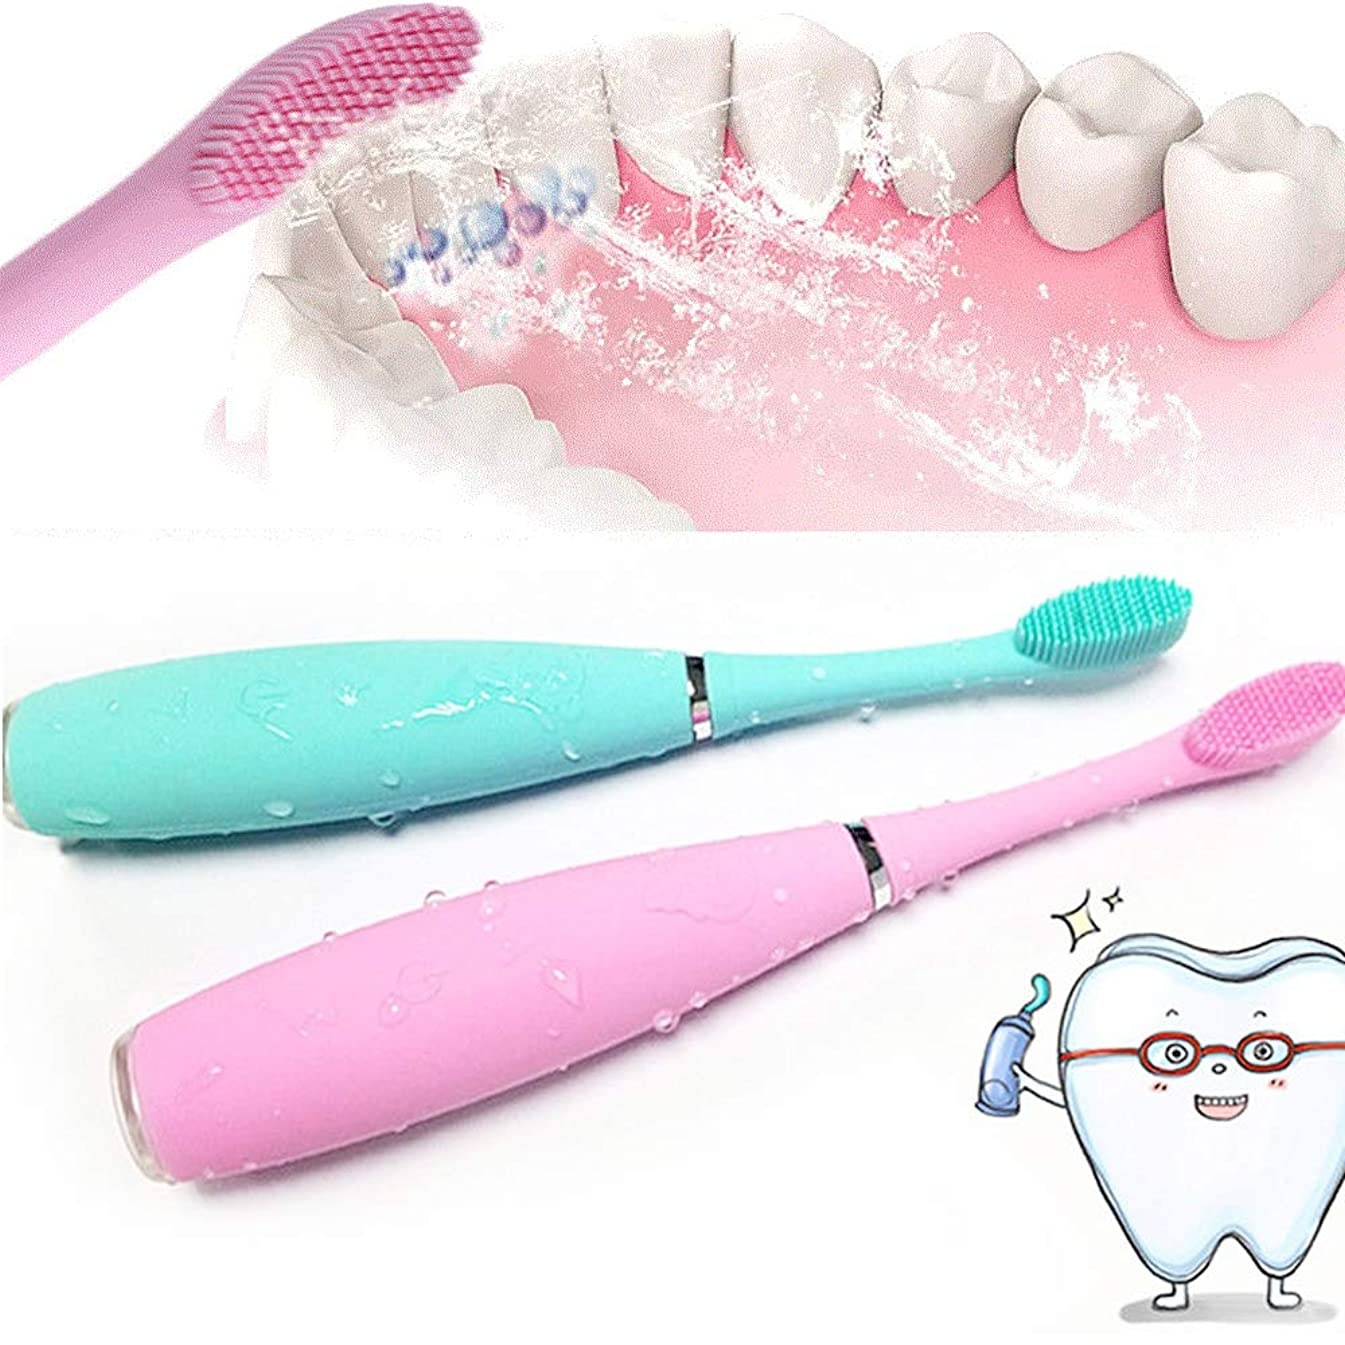 非常に怒っていますフラスコ比類のないXMONY超音波 電動歯ブラシ シリコーン IPX7級防水 充電式 口腔洗浄器 音波振動歯ブラシ 5段階調節可 替えブラシ付き (グリーン)